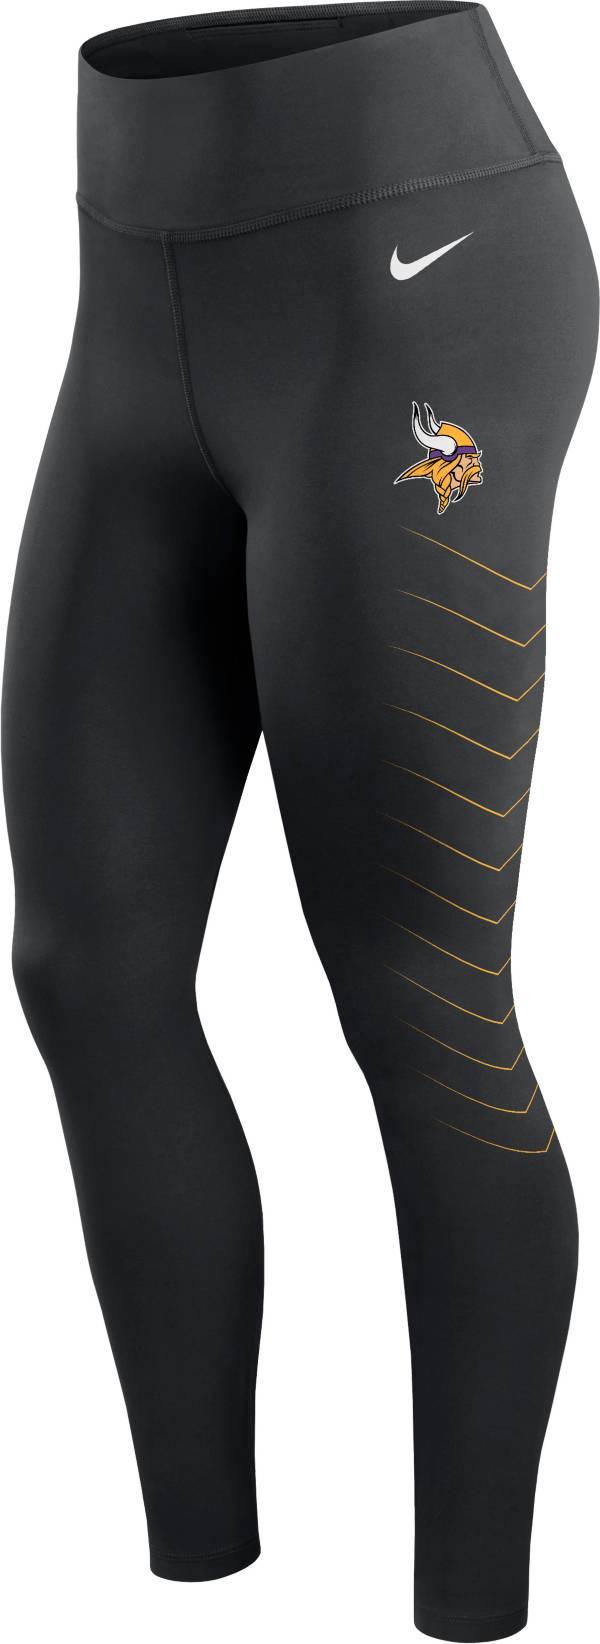 Nike Women's Minnesota Vikings Dri-FIT Black Performance Leggings product image